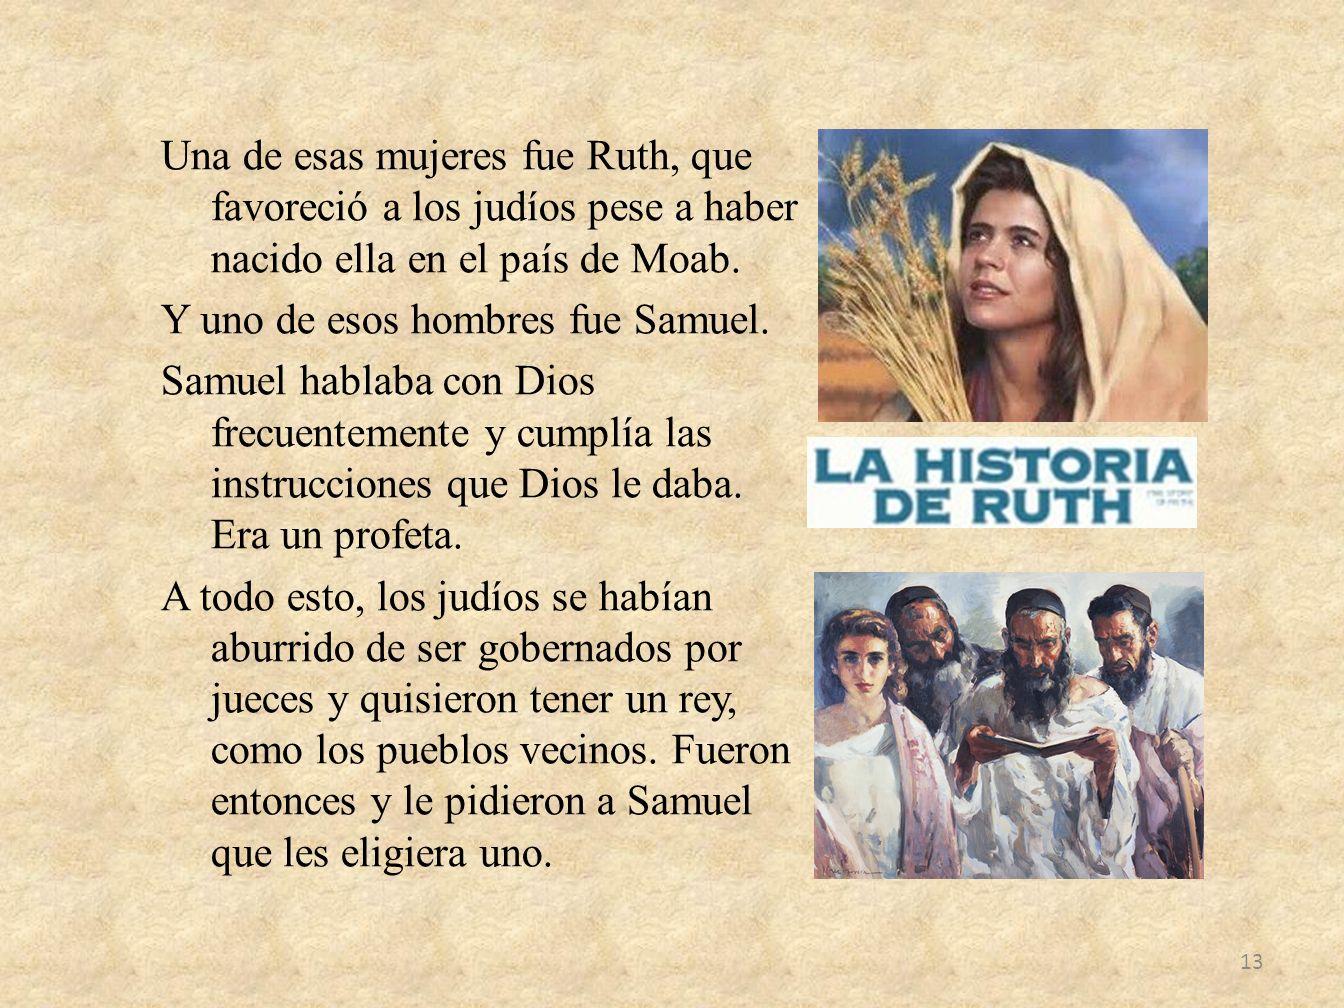 Una de esas mujeres fue Ruth, que favoreció a los judíos pese a haber nacido ella en el país de Moab. Y uno de esos hombres fue Samuel. Samuel hablaba